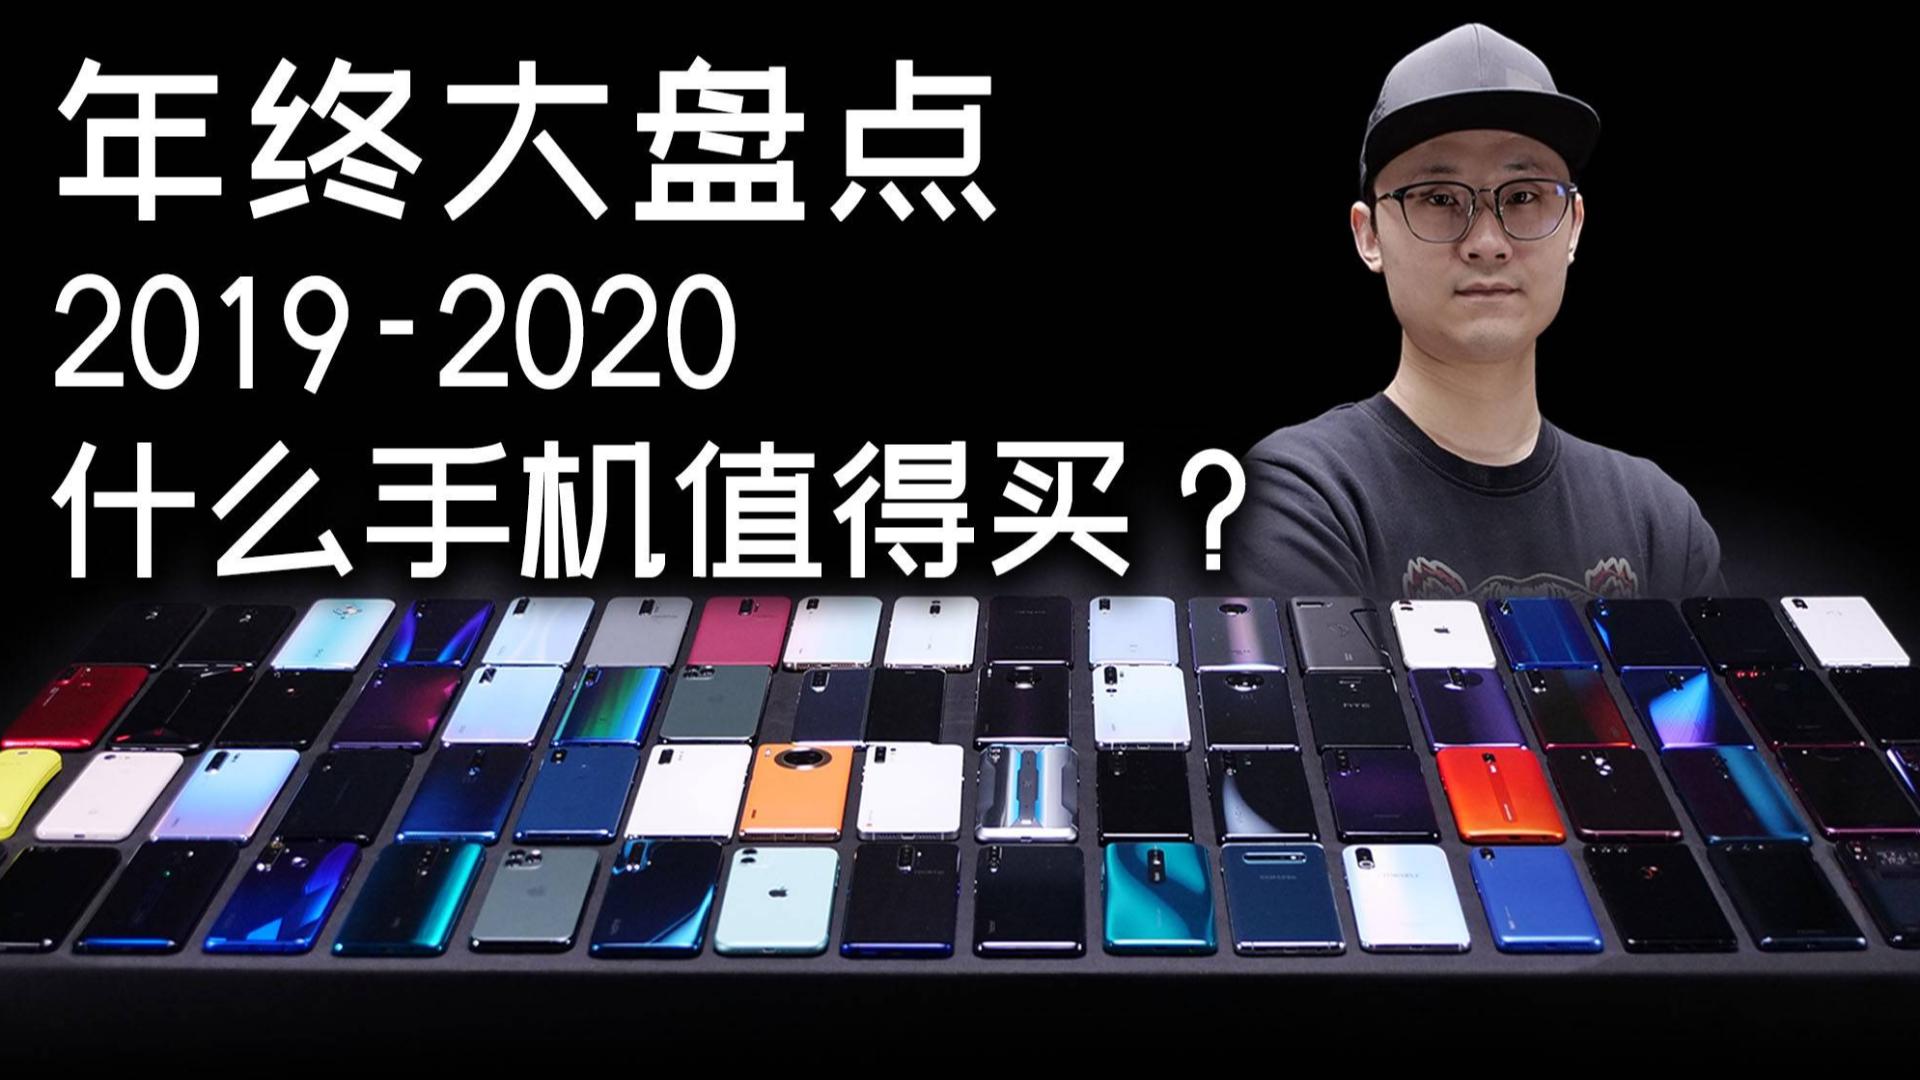 「小白测评」年终大盘点 2019-2020最值得买的手机 全价位手机推荐指南